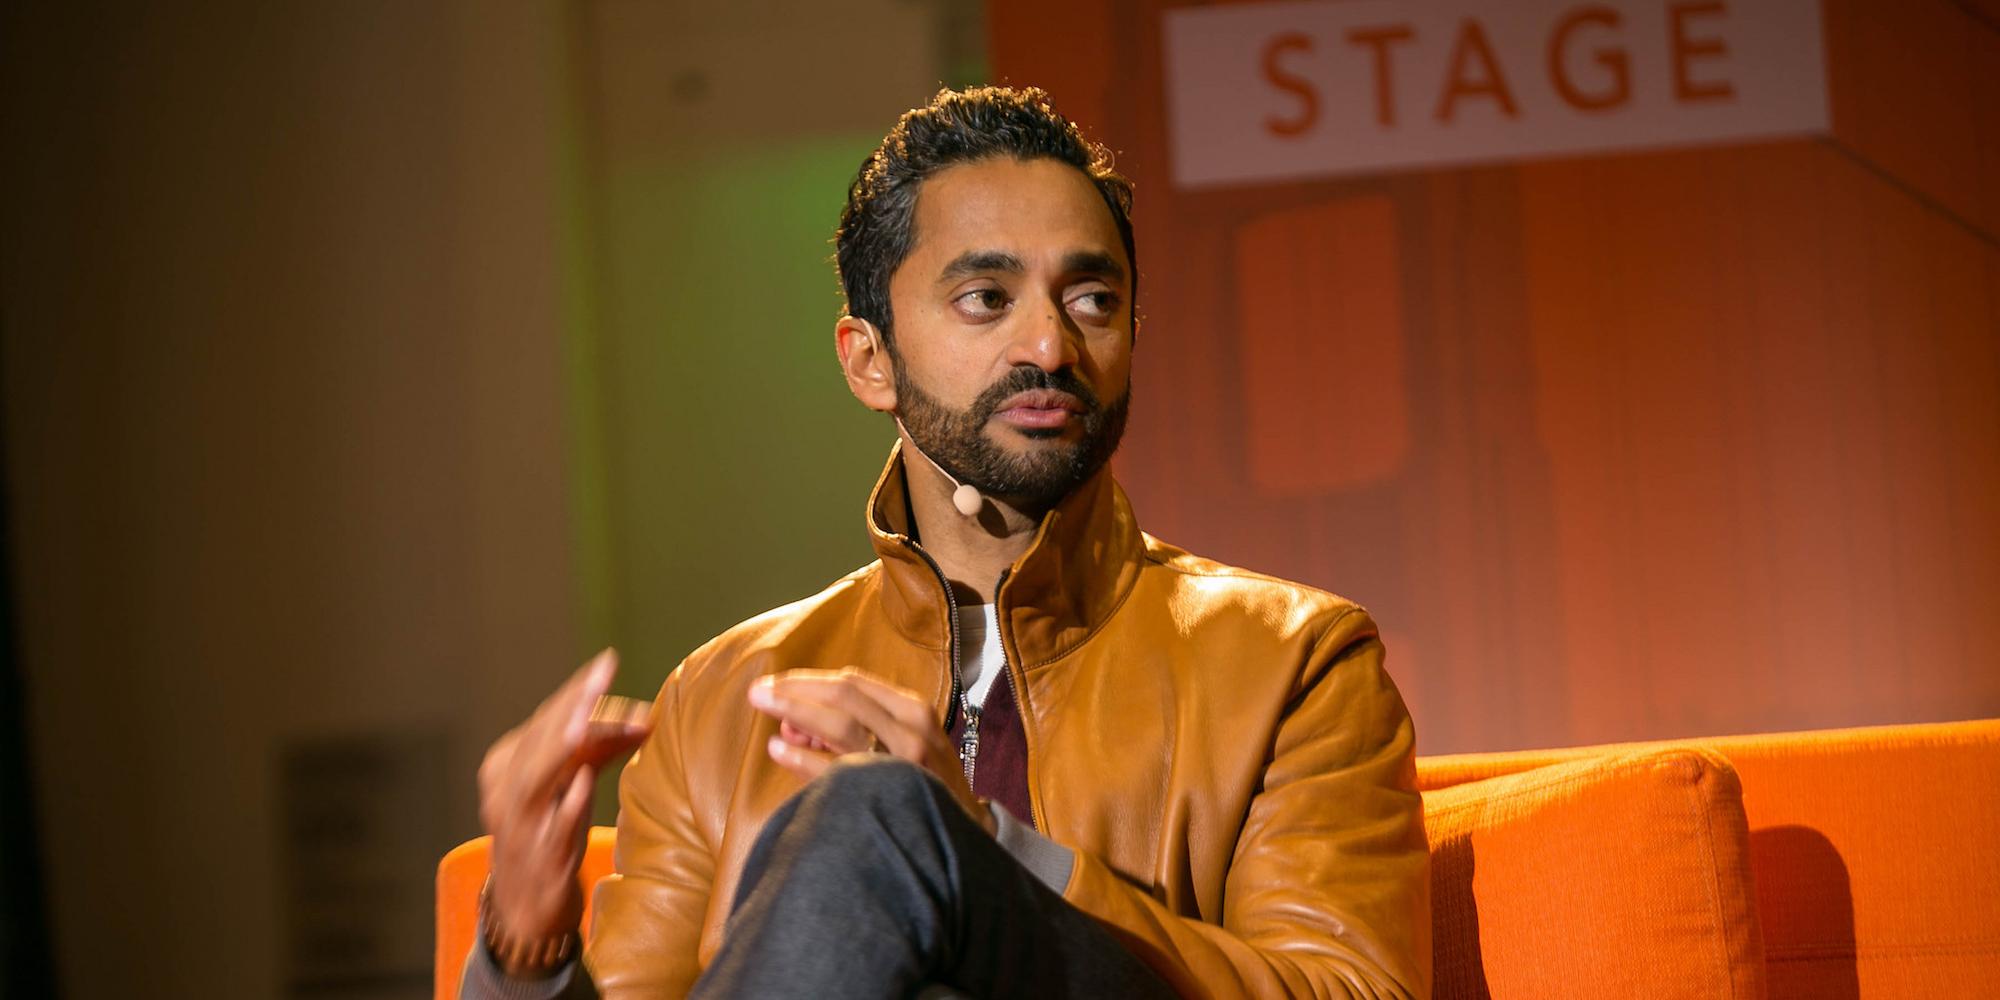 Profissionais inovadores: Chamath Palihapitiya esteve diretamente envolvido no crescimento explosivo da maior rede social do mundo, o Facebook